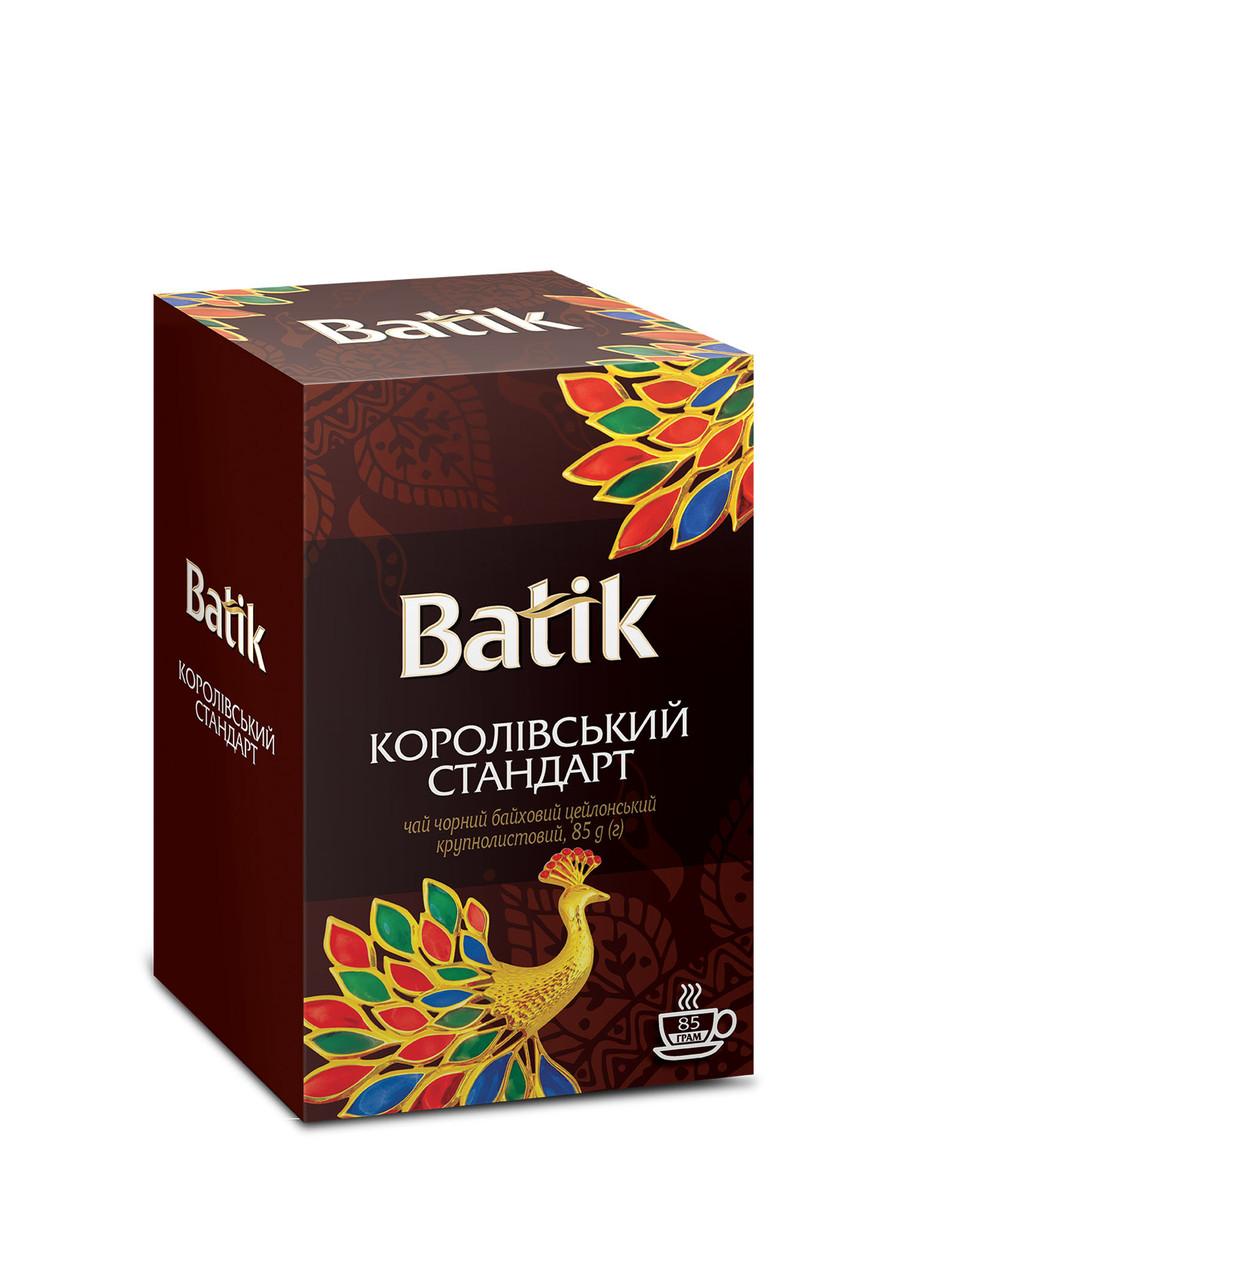 Чай черный листовой Батик Королевский стандарт 85 грамм